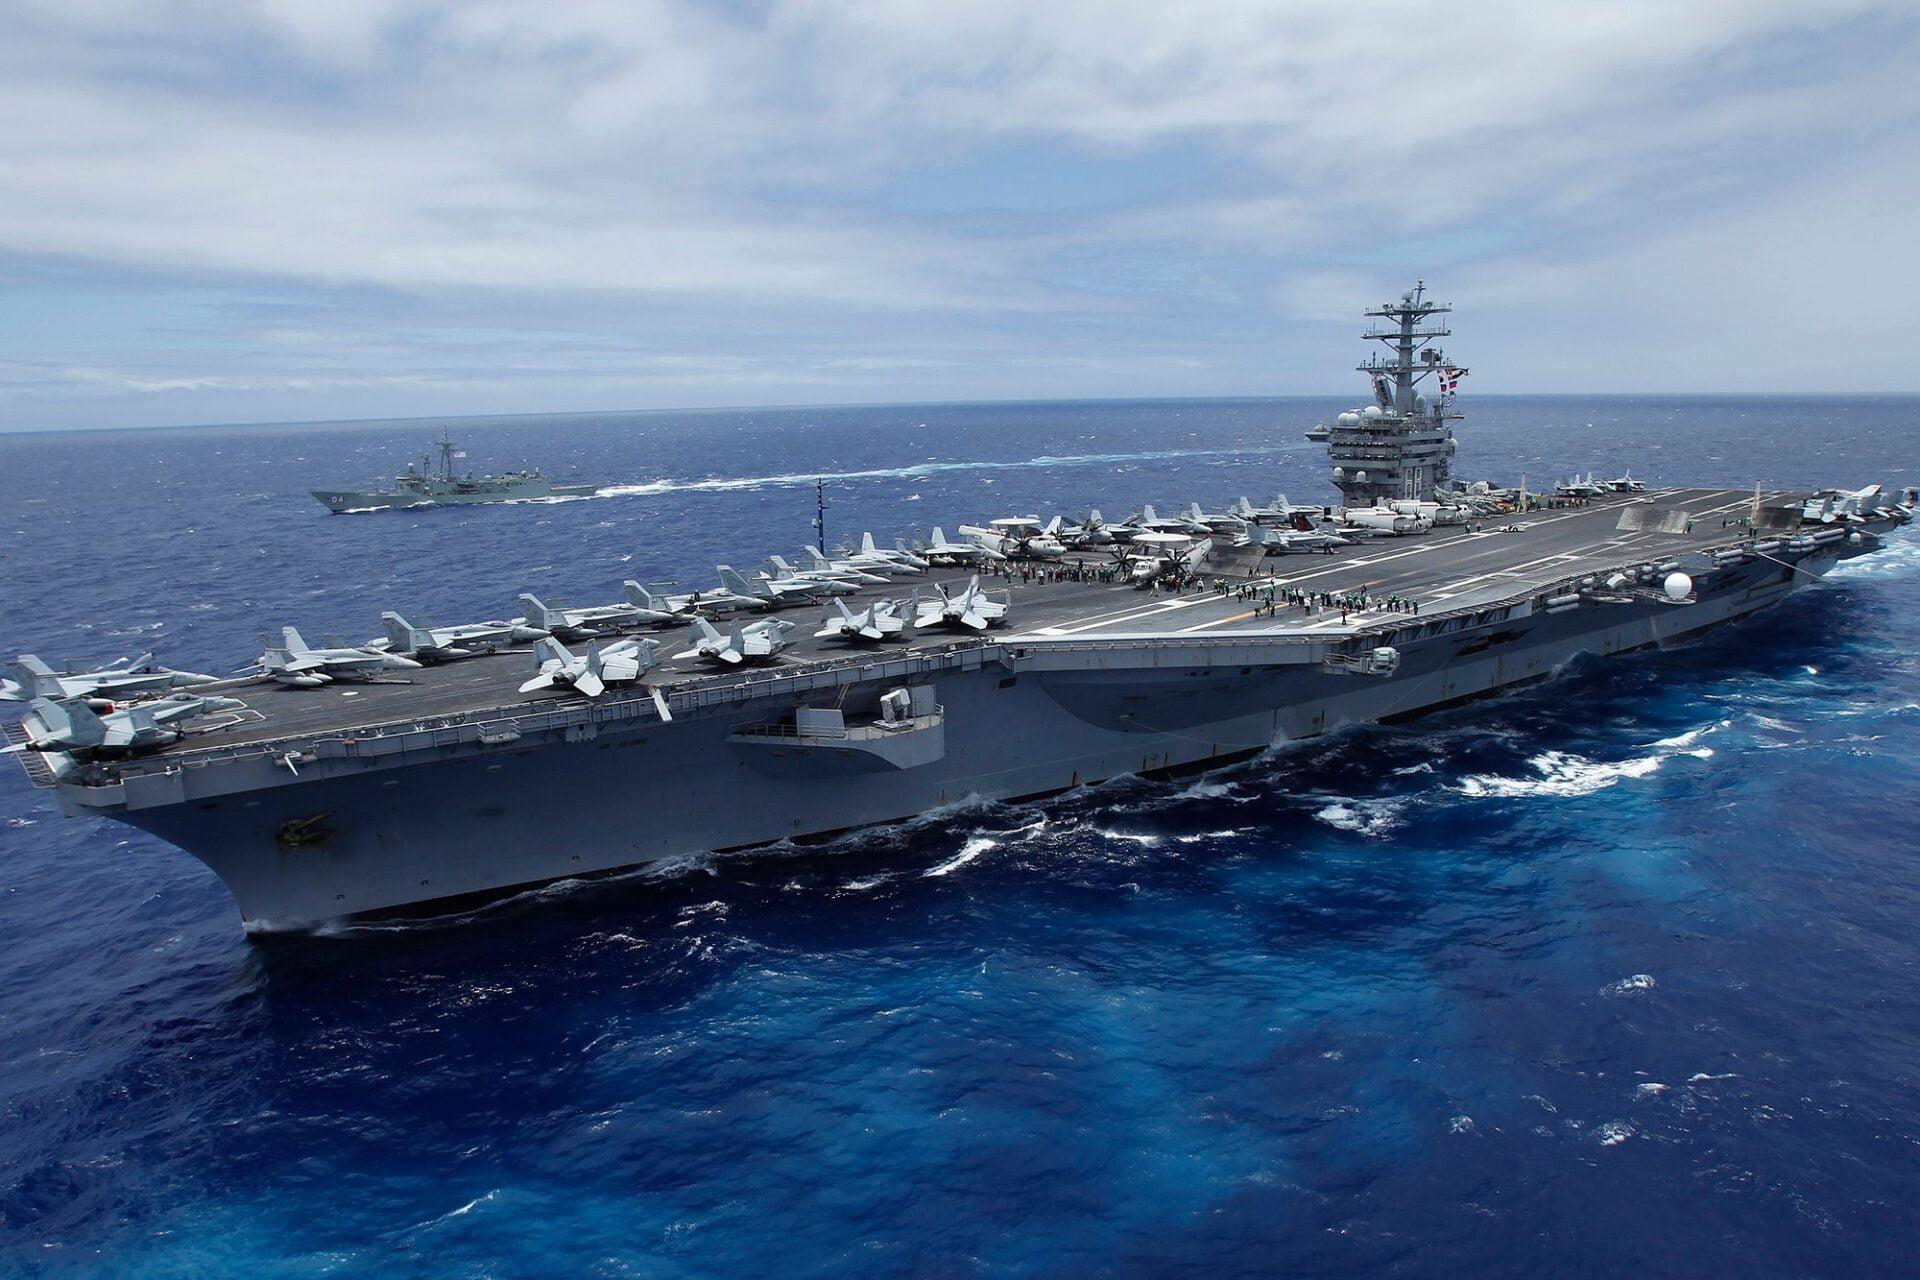 Σε κόκκινο συναγερμό οι δυνάμεις των ΗΠΑ στην Μέση Ανατολή